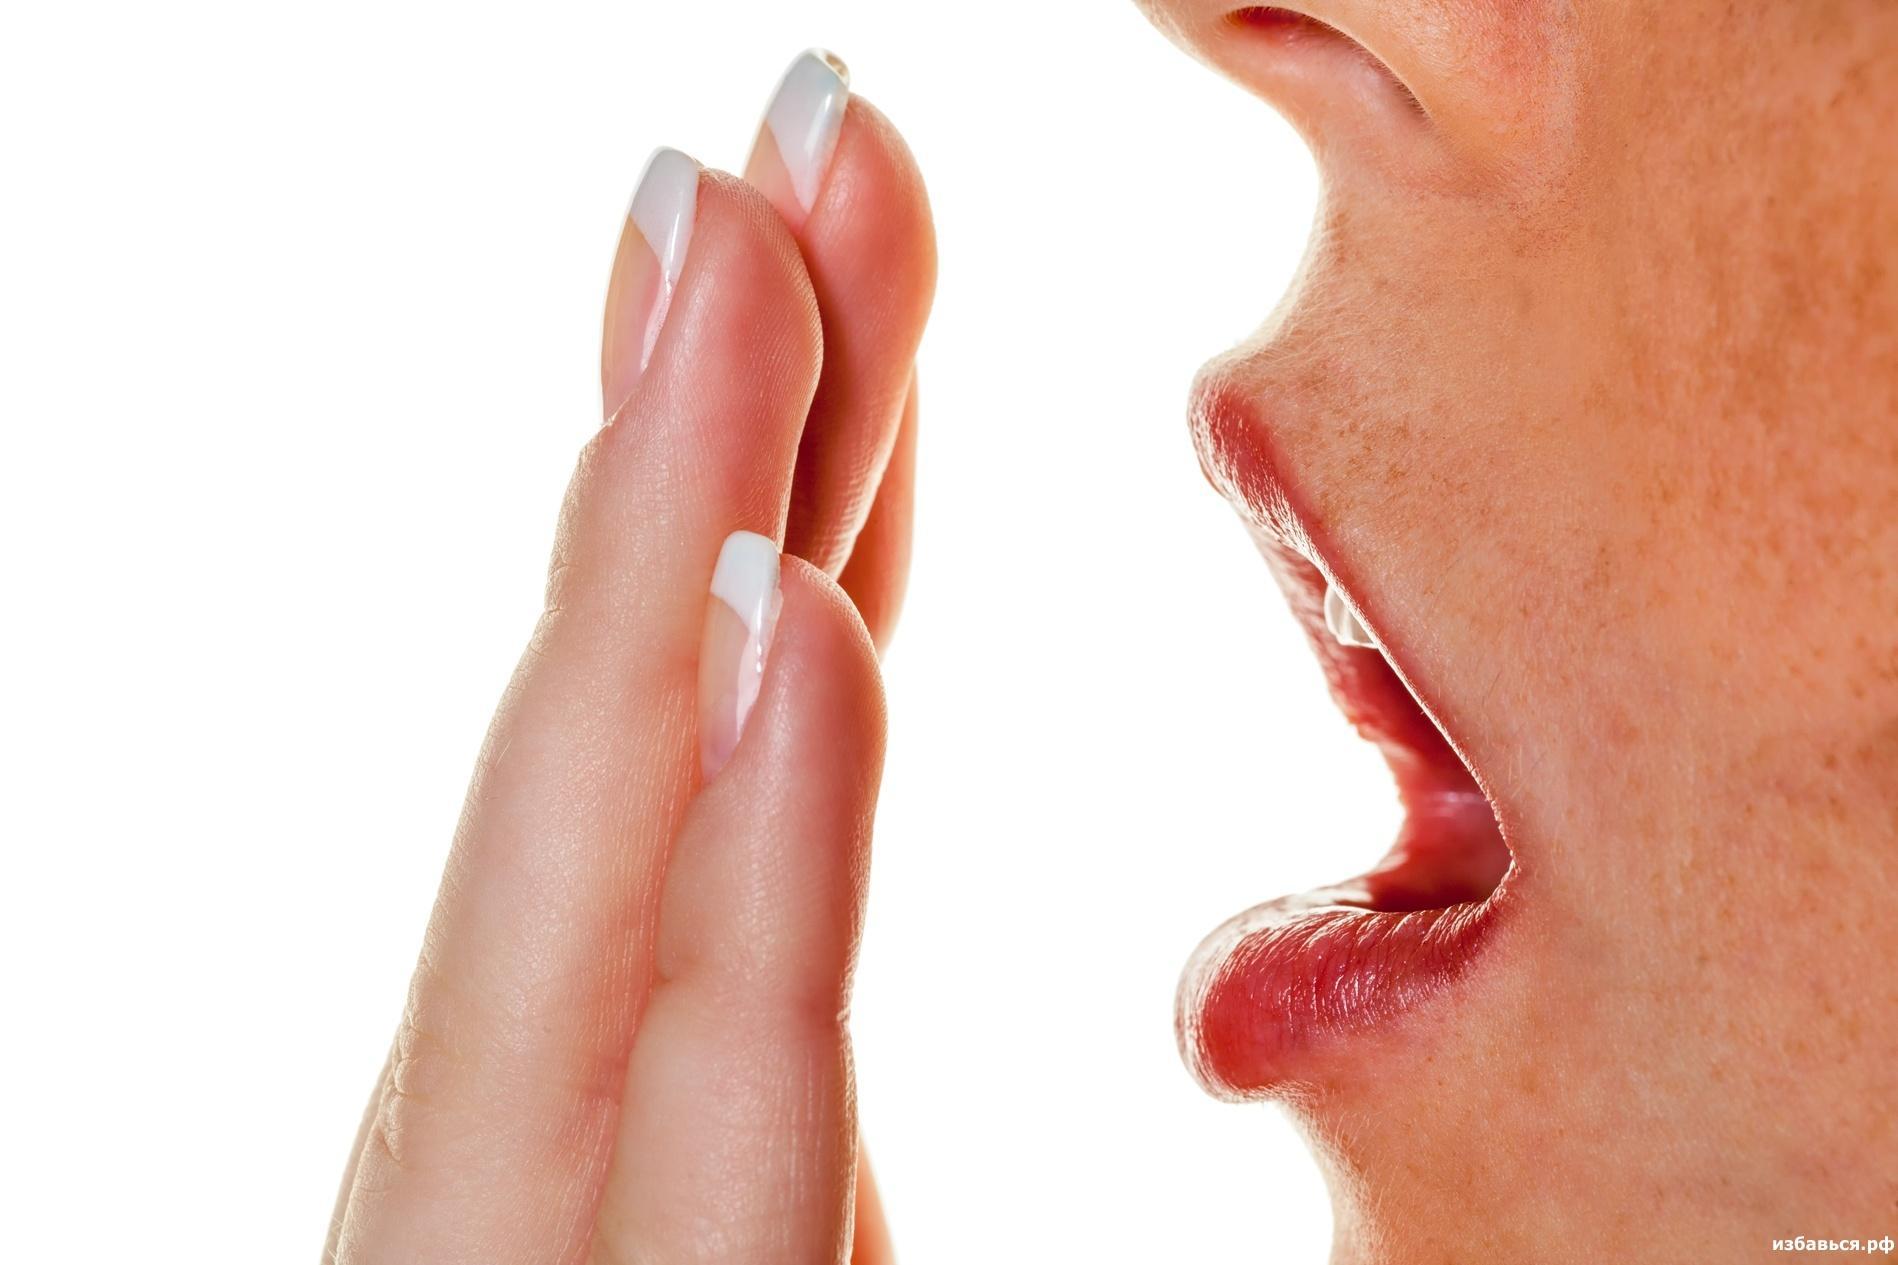 Ощущение йода во рту. причины появления привкуса йода во рту